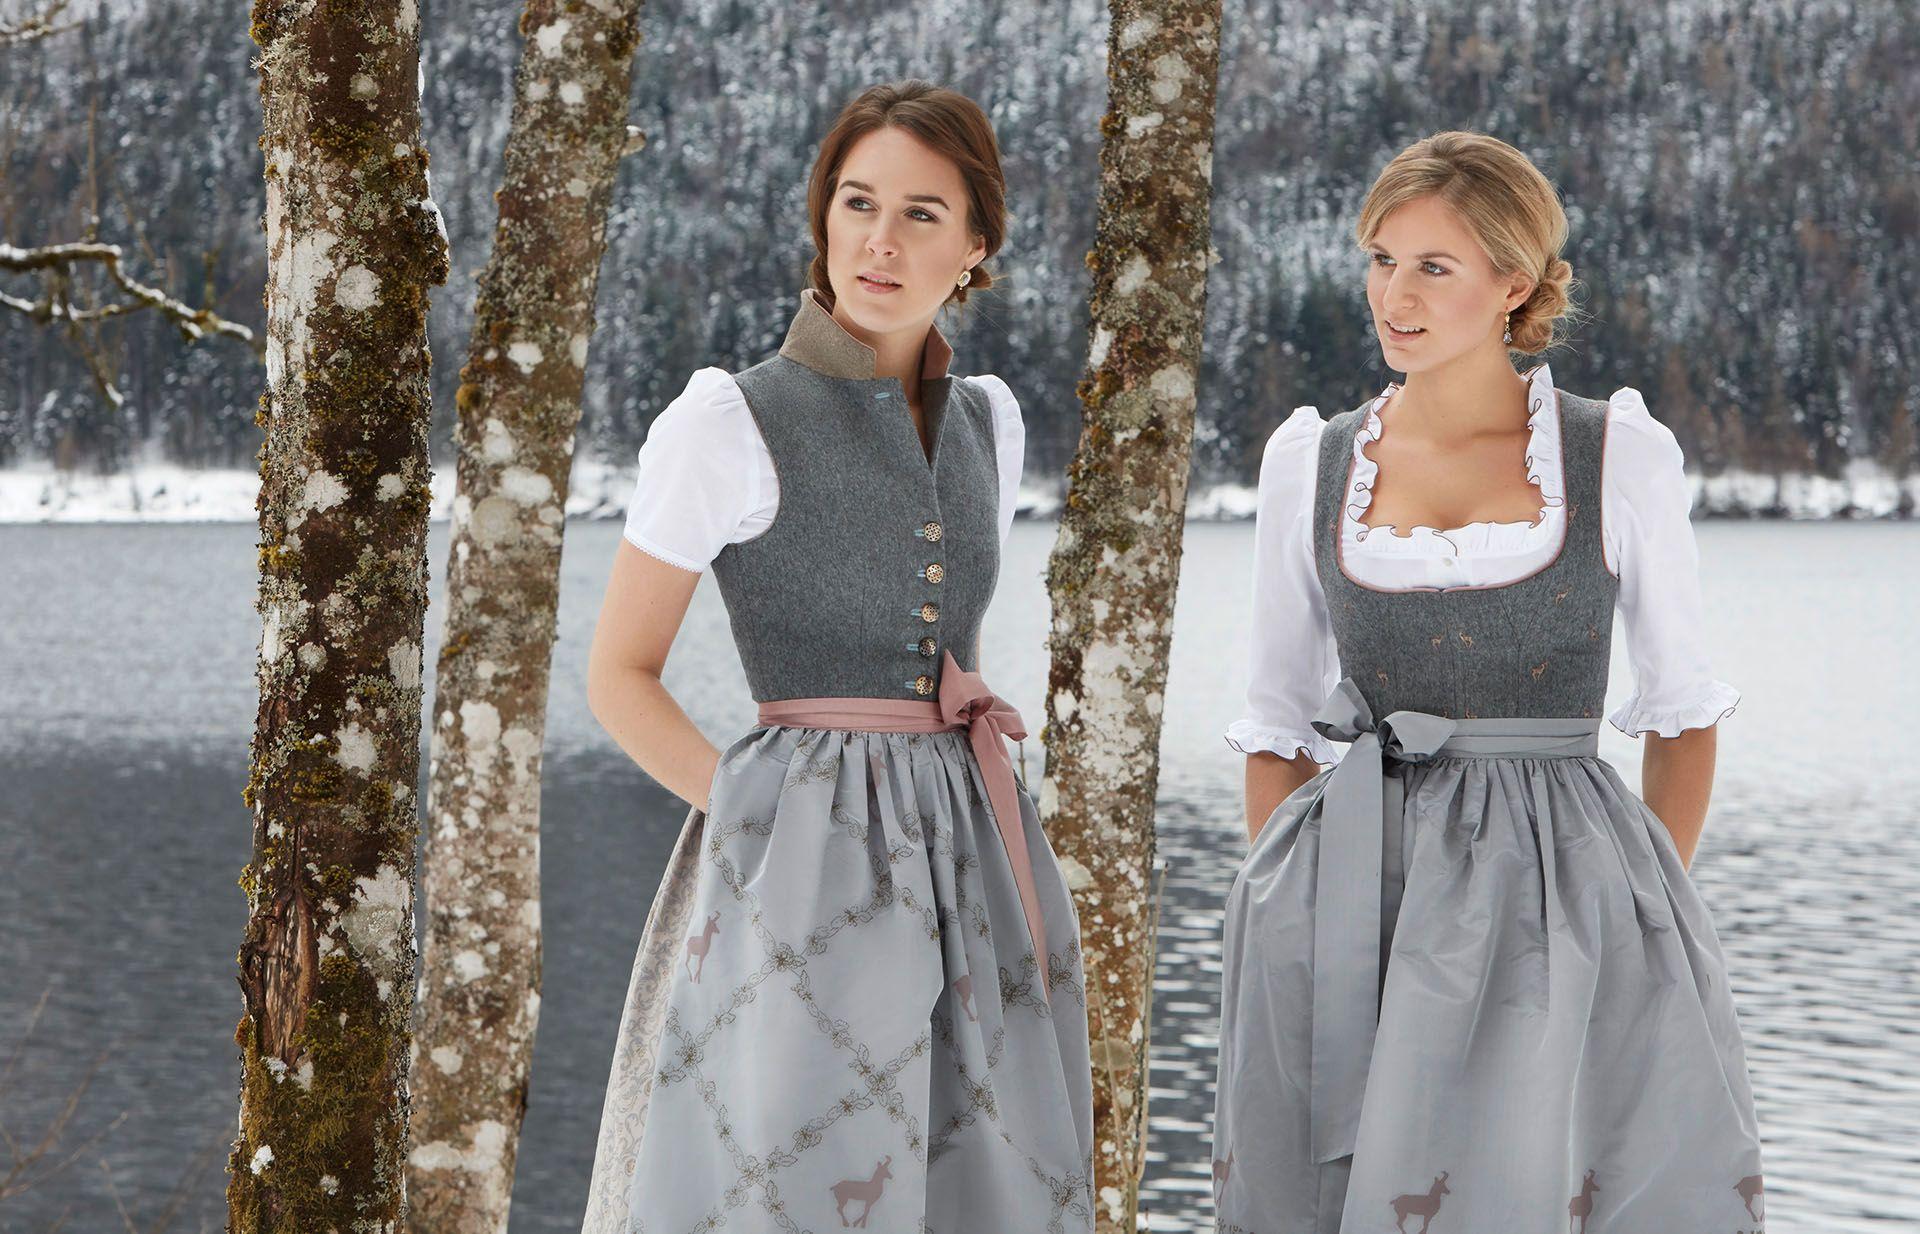 69f15956b955b0 Susanne Spatt Herbst/Winter 16/17 @trachtenbibel folgen und Trends  entdecken! Dirndl